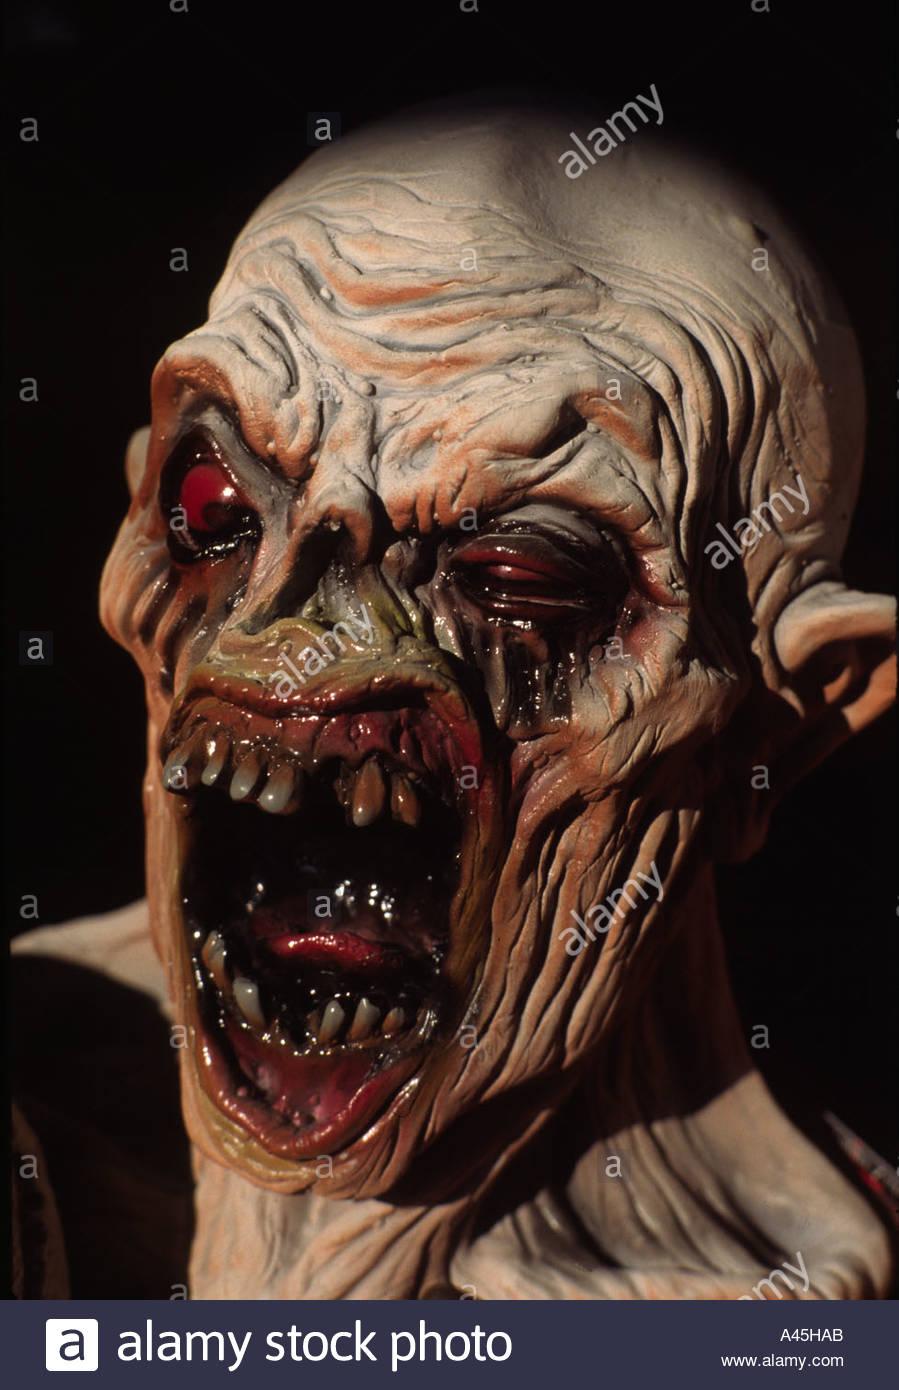 Monster Horror - Stock Image